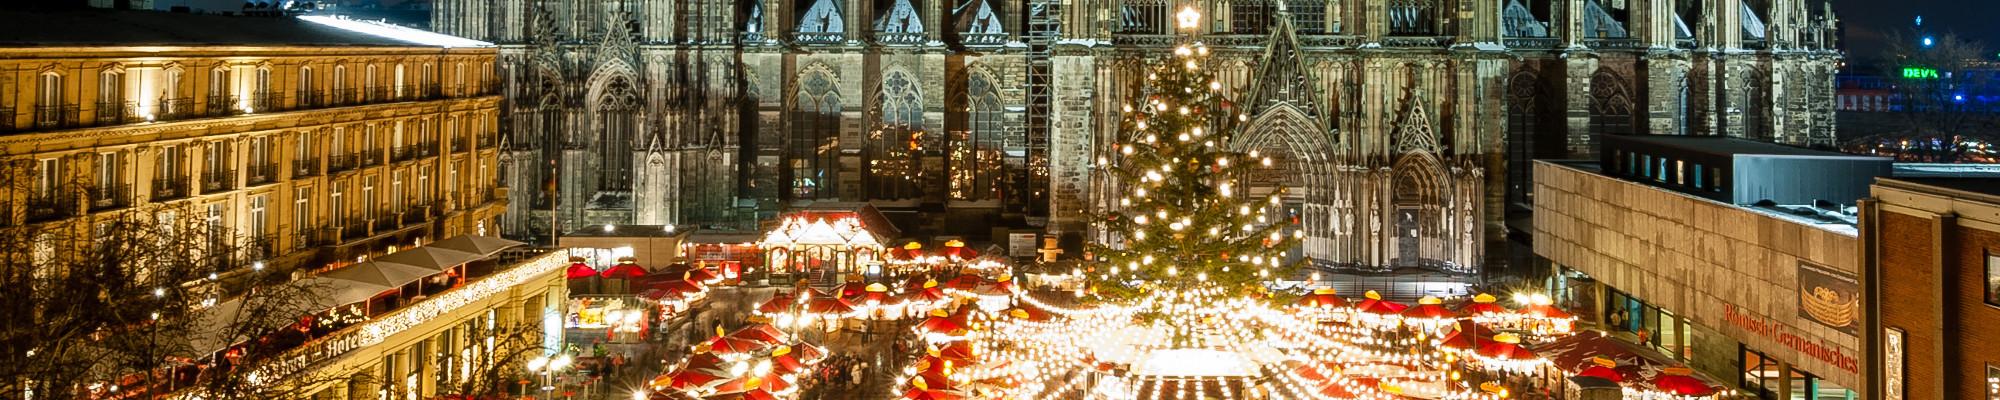 Weihnachtsfeier Köln